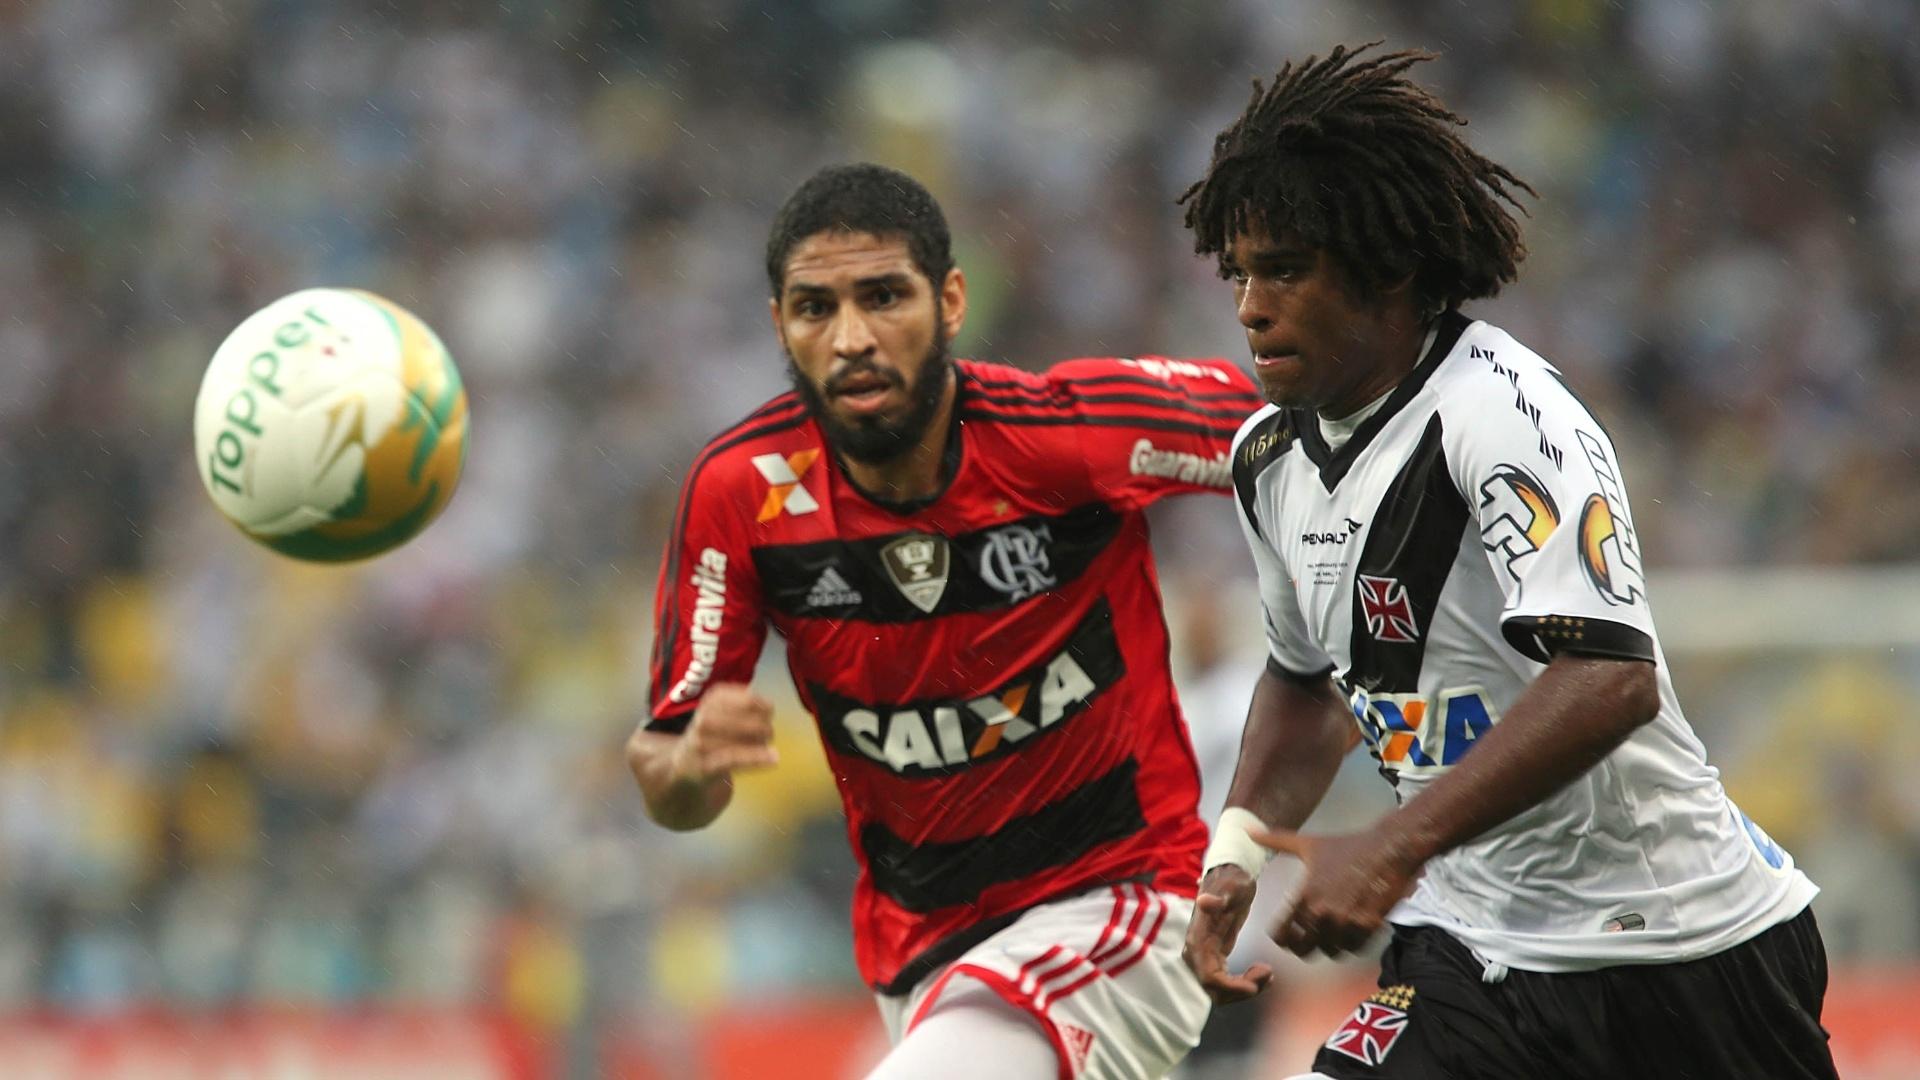 Zagueiro Wallace corre atrás de William Barbio na final do Carioca